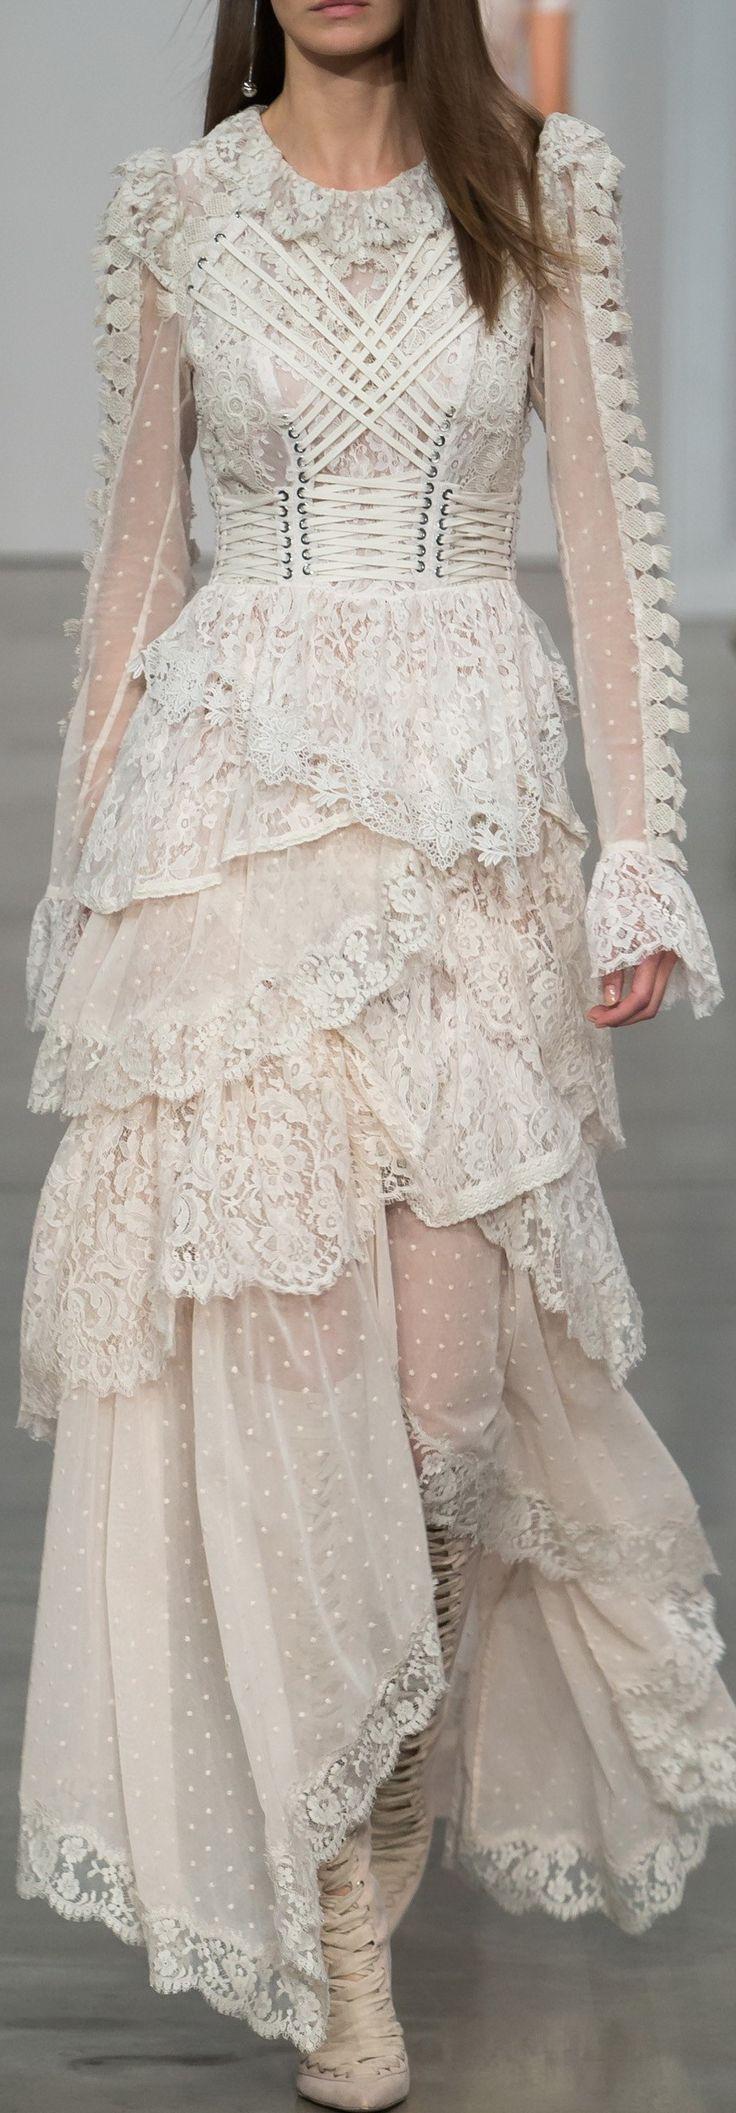 Zimmermann Rtw Spring 2017  Couture Kleider Kleider Couture